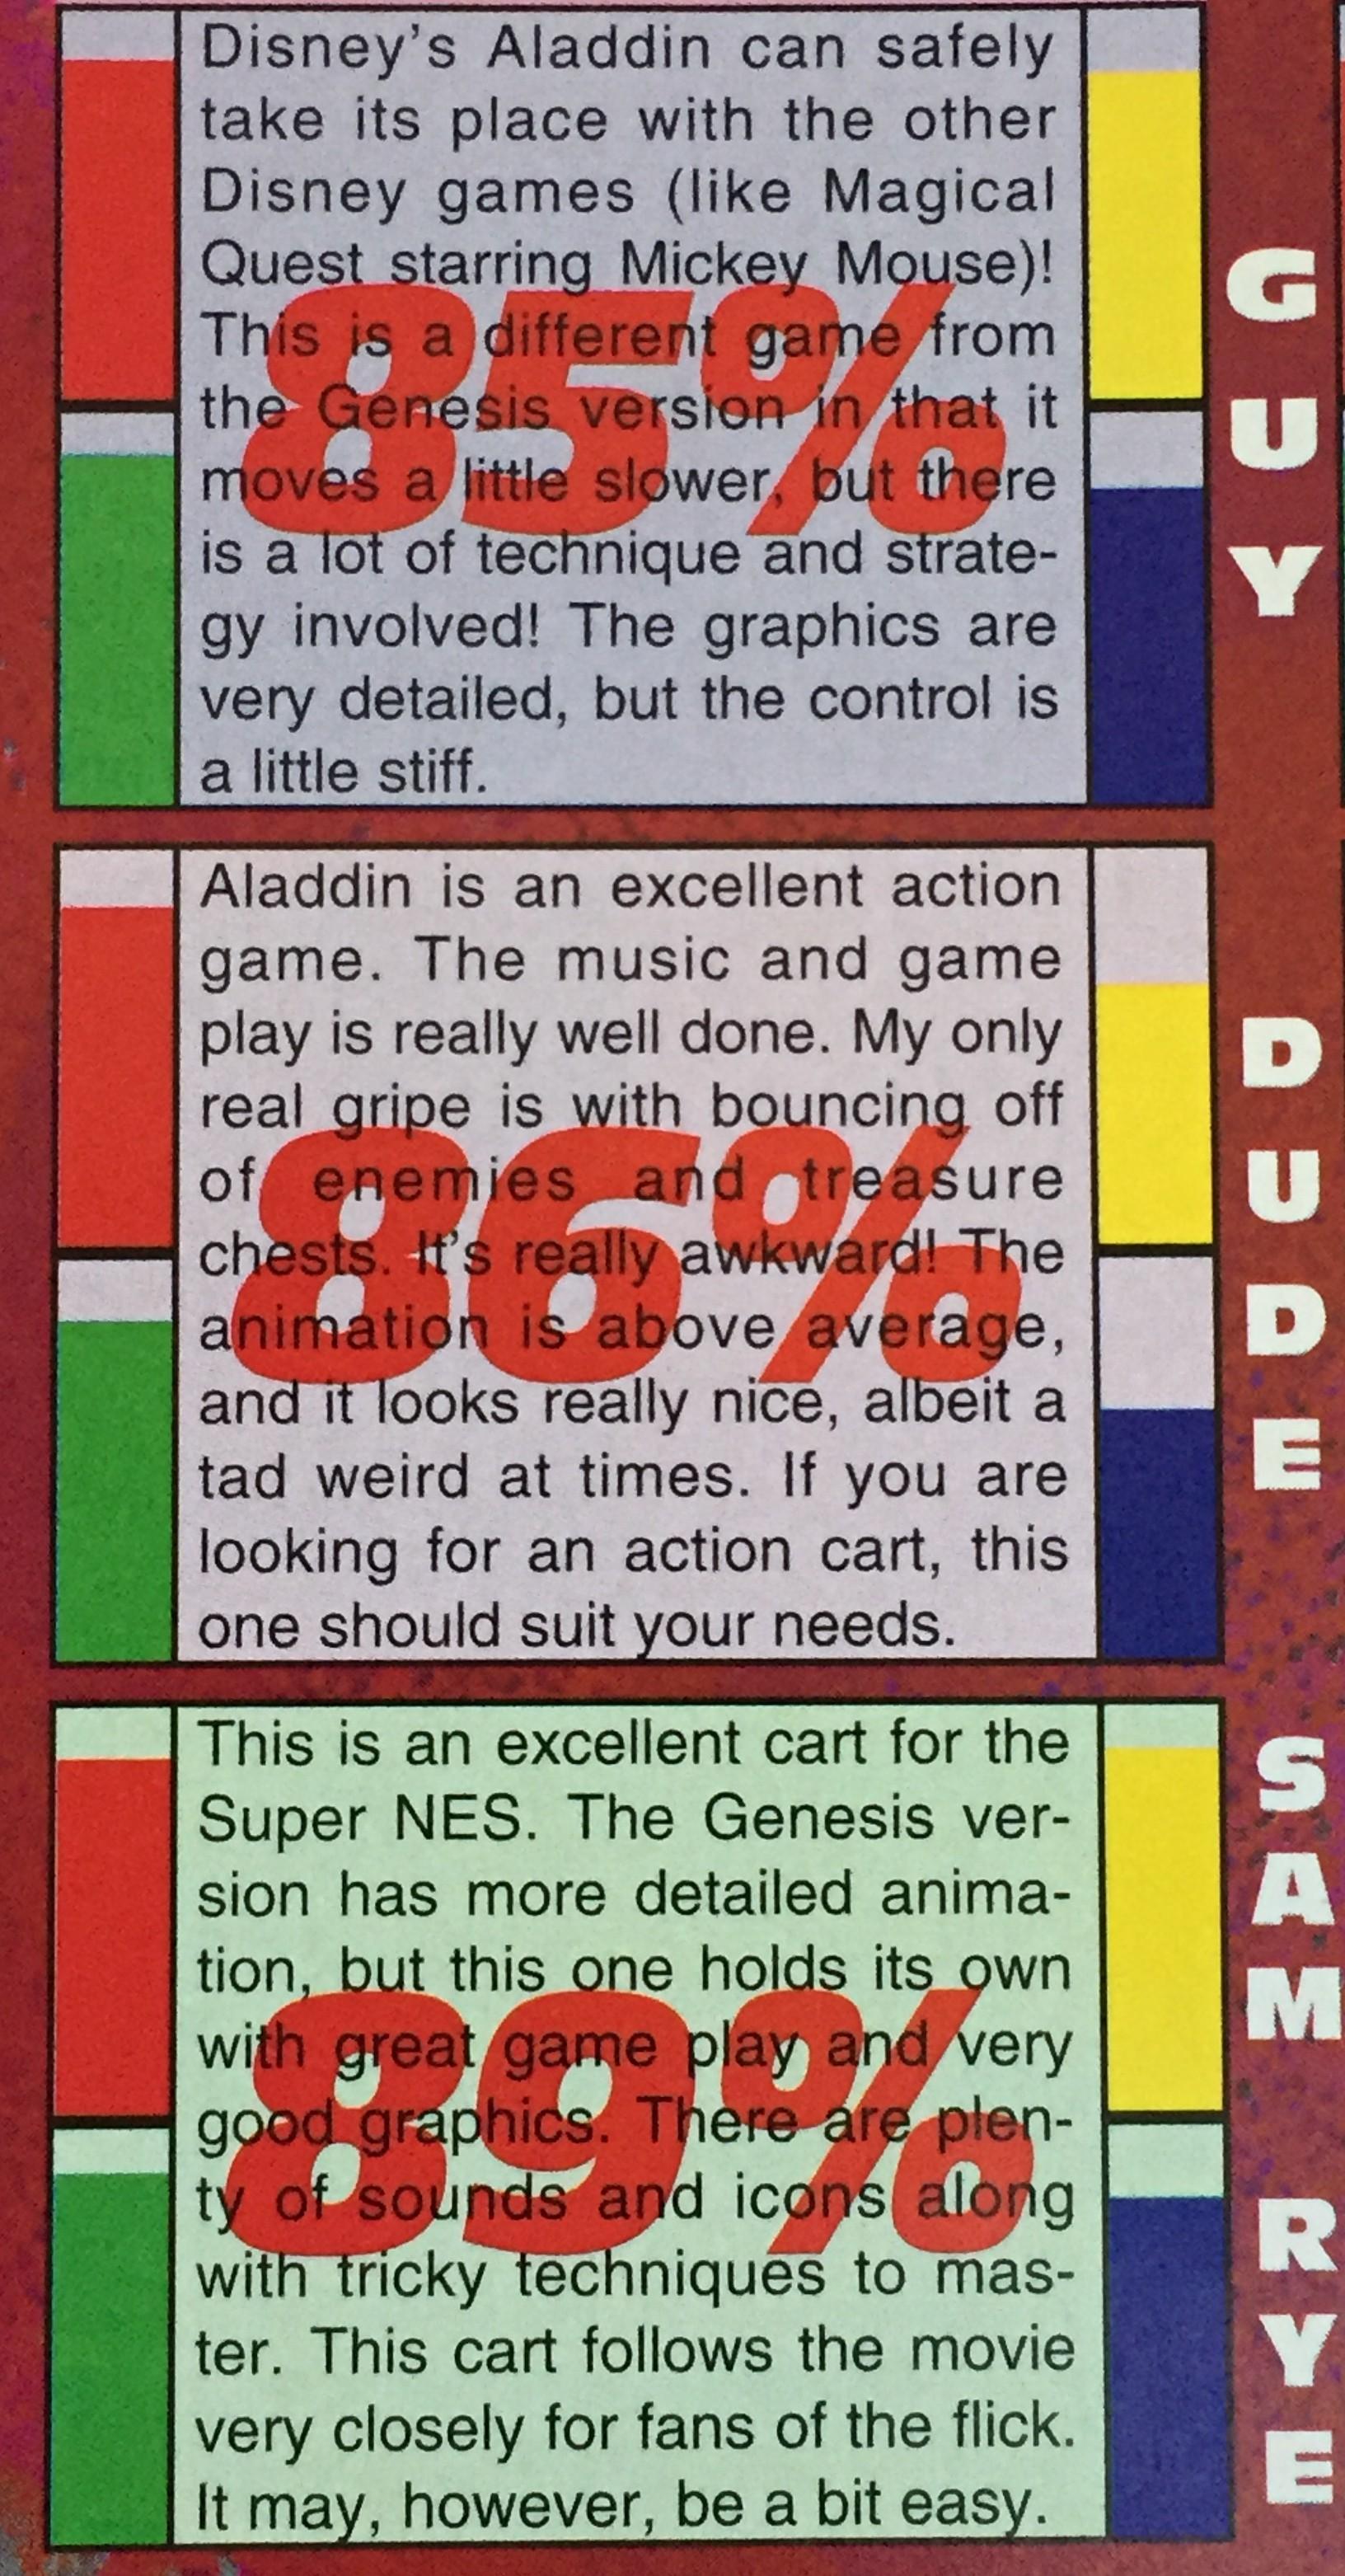 AladdinEx13